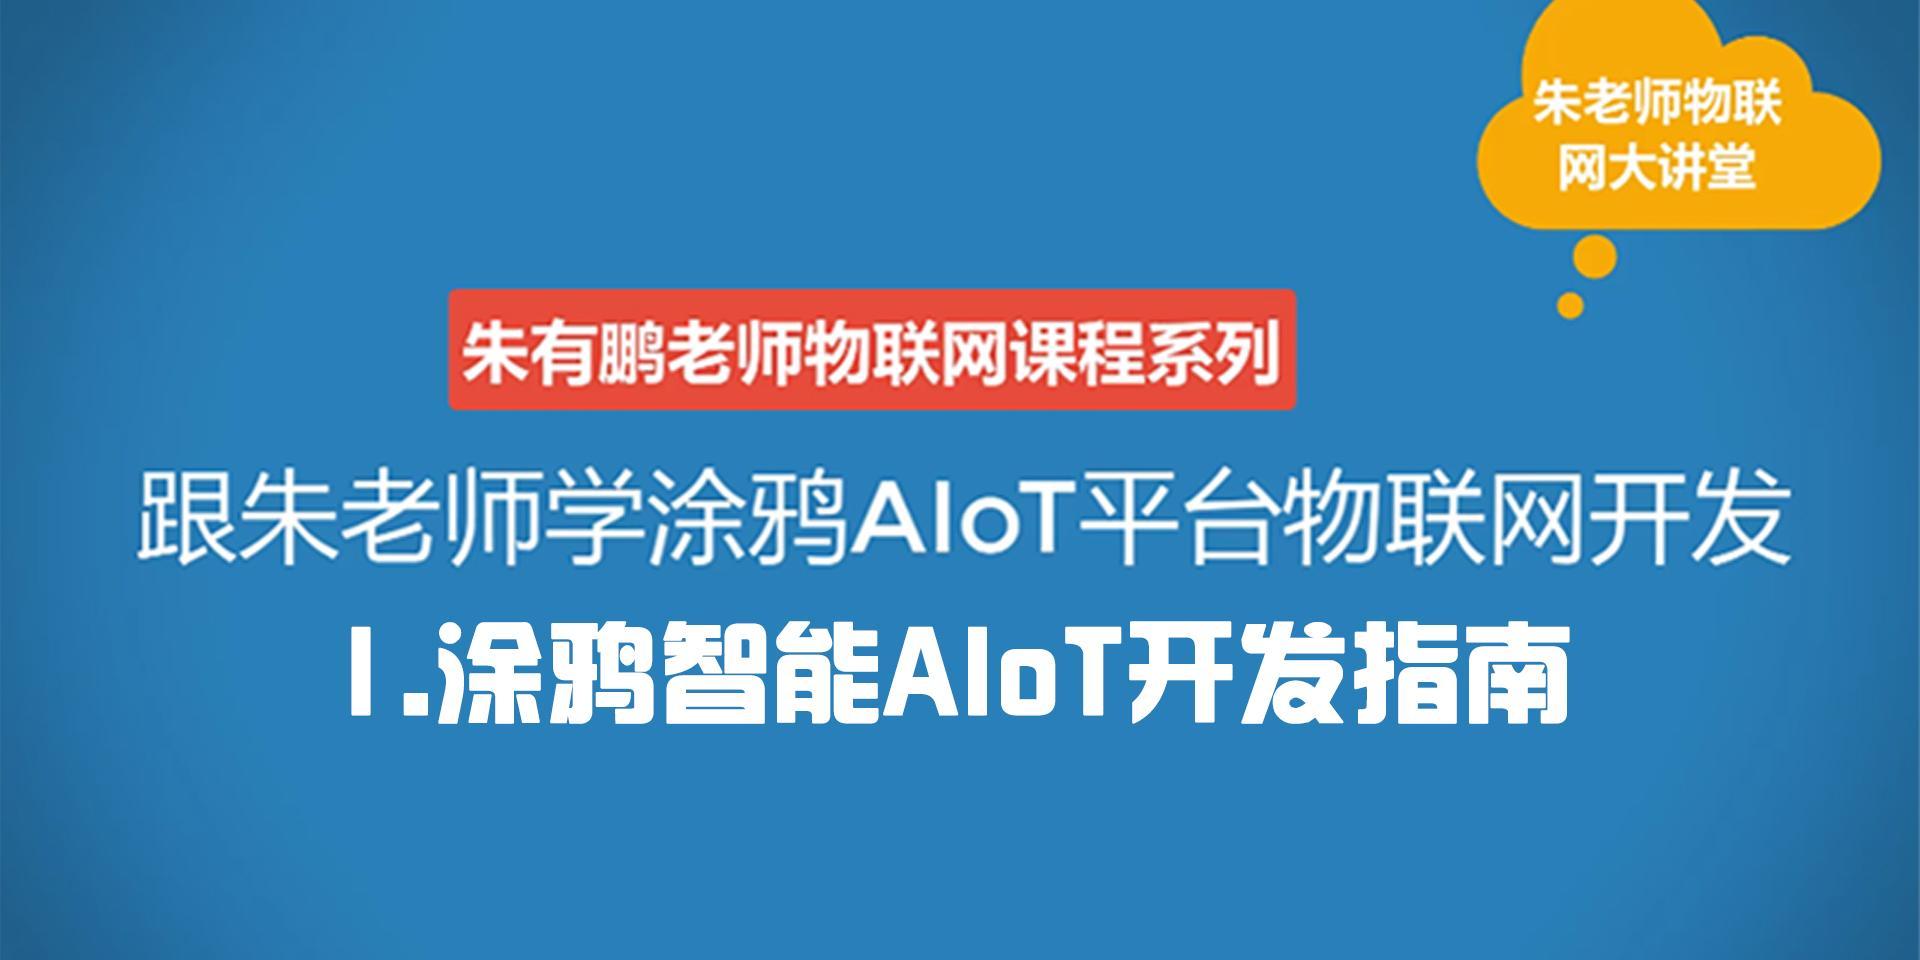 1.涂鴉智能AIoT開發指南